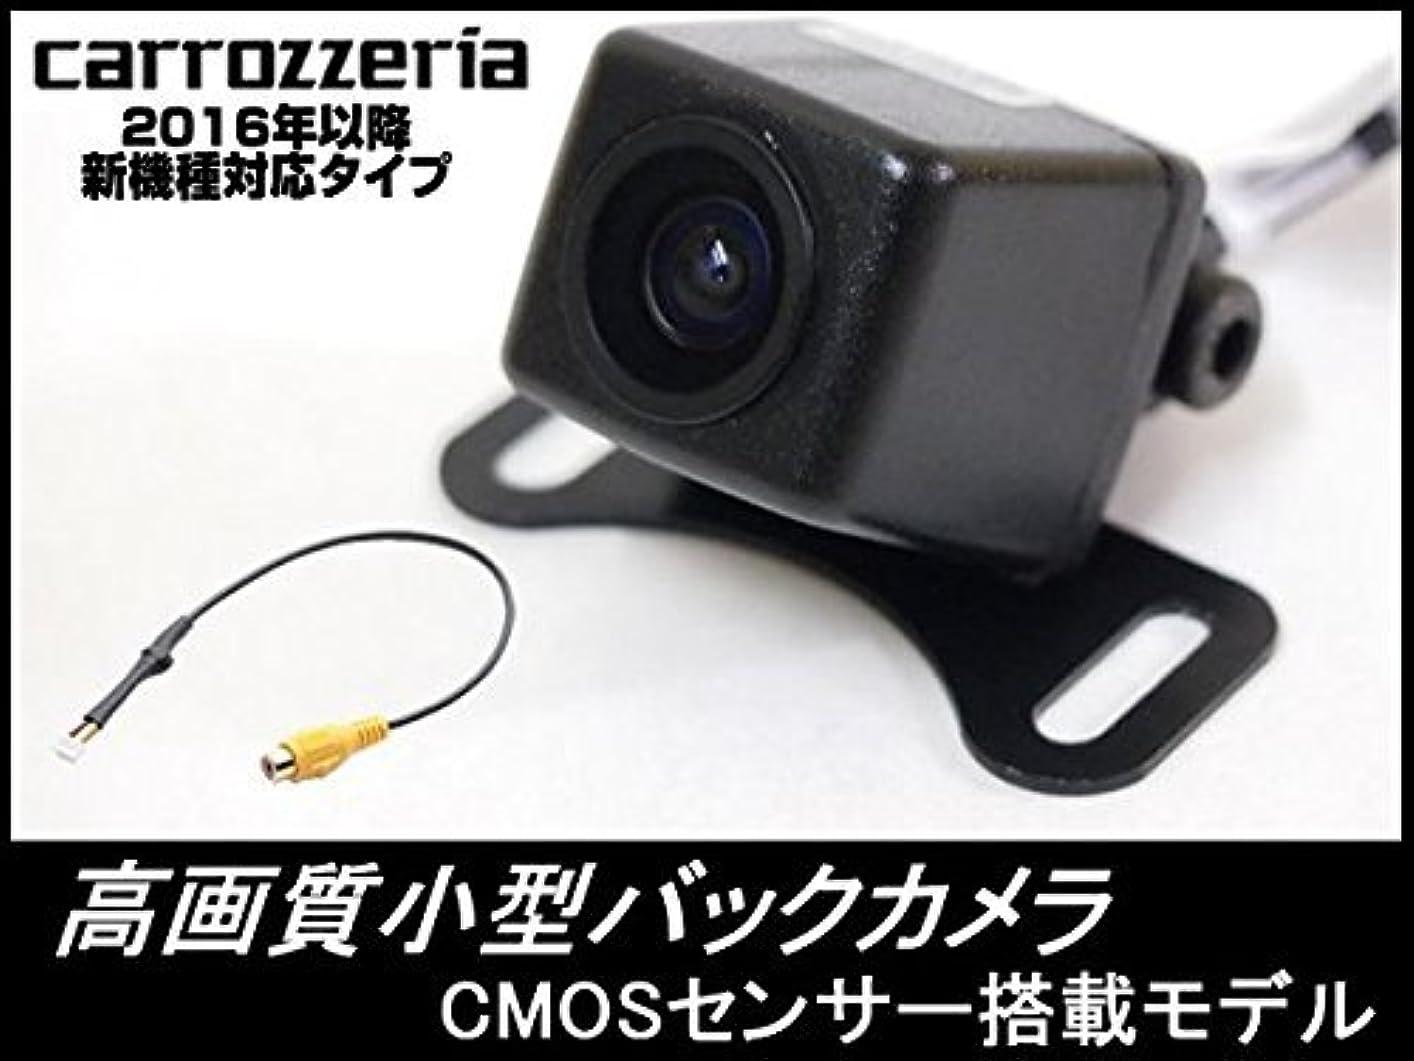 入札しおれた野望AVIC-CE900VE 対応 高画質 バックカメラ 車載用バックカメラ 広角170° 超高精細 CMOS センサー ガイドライン無し